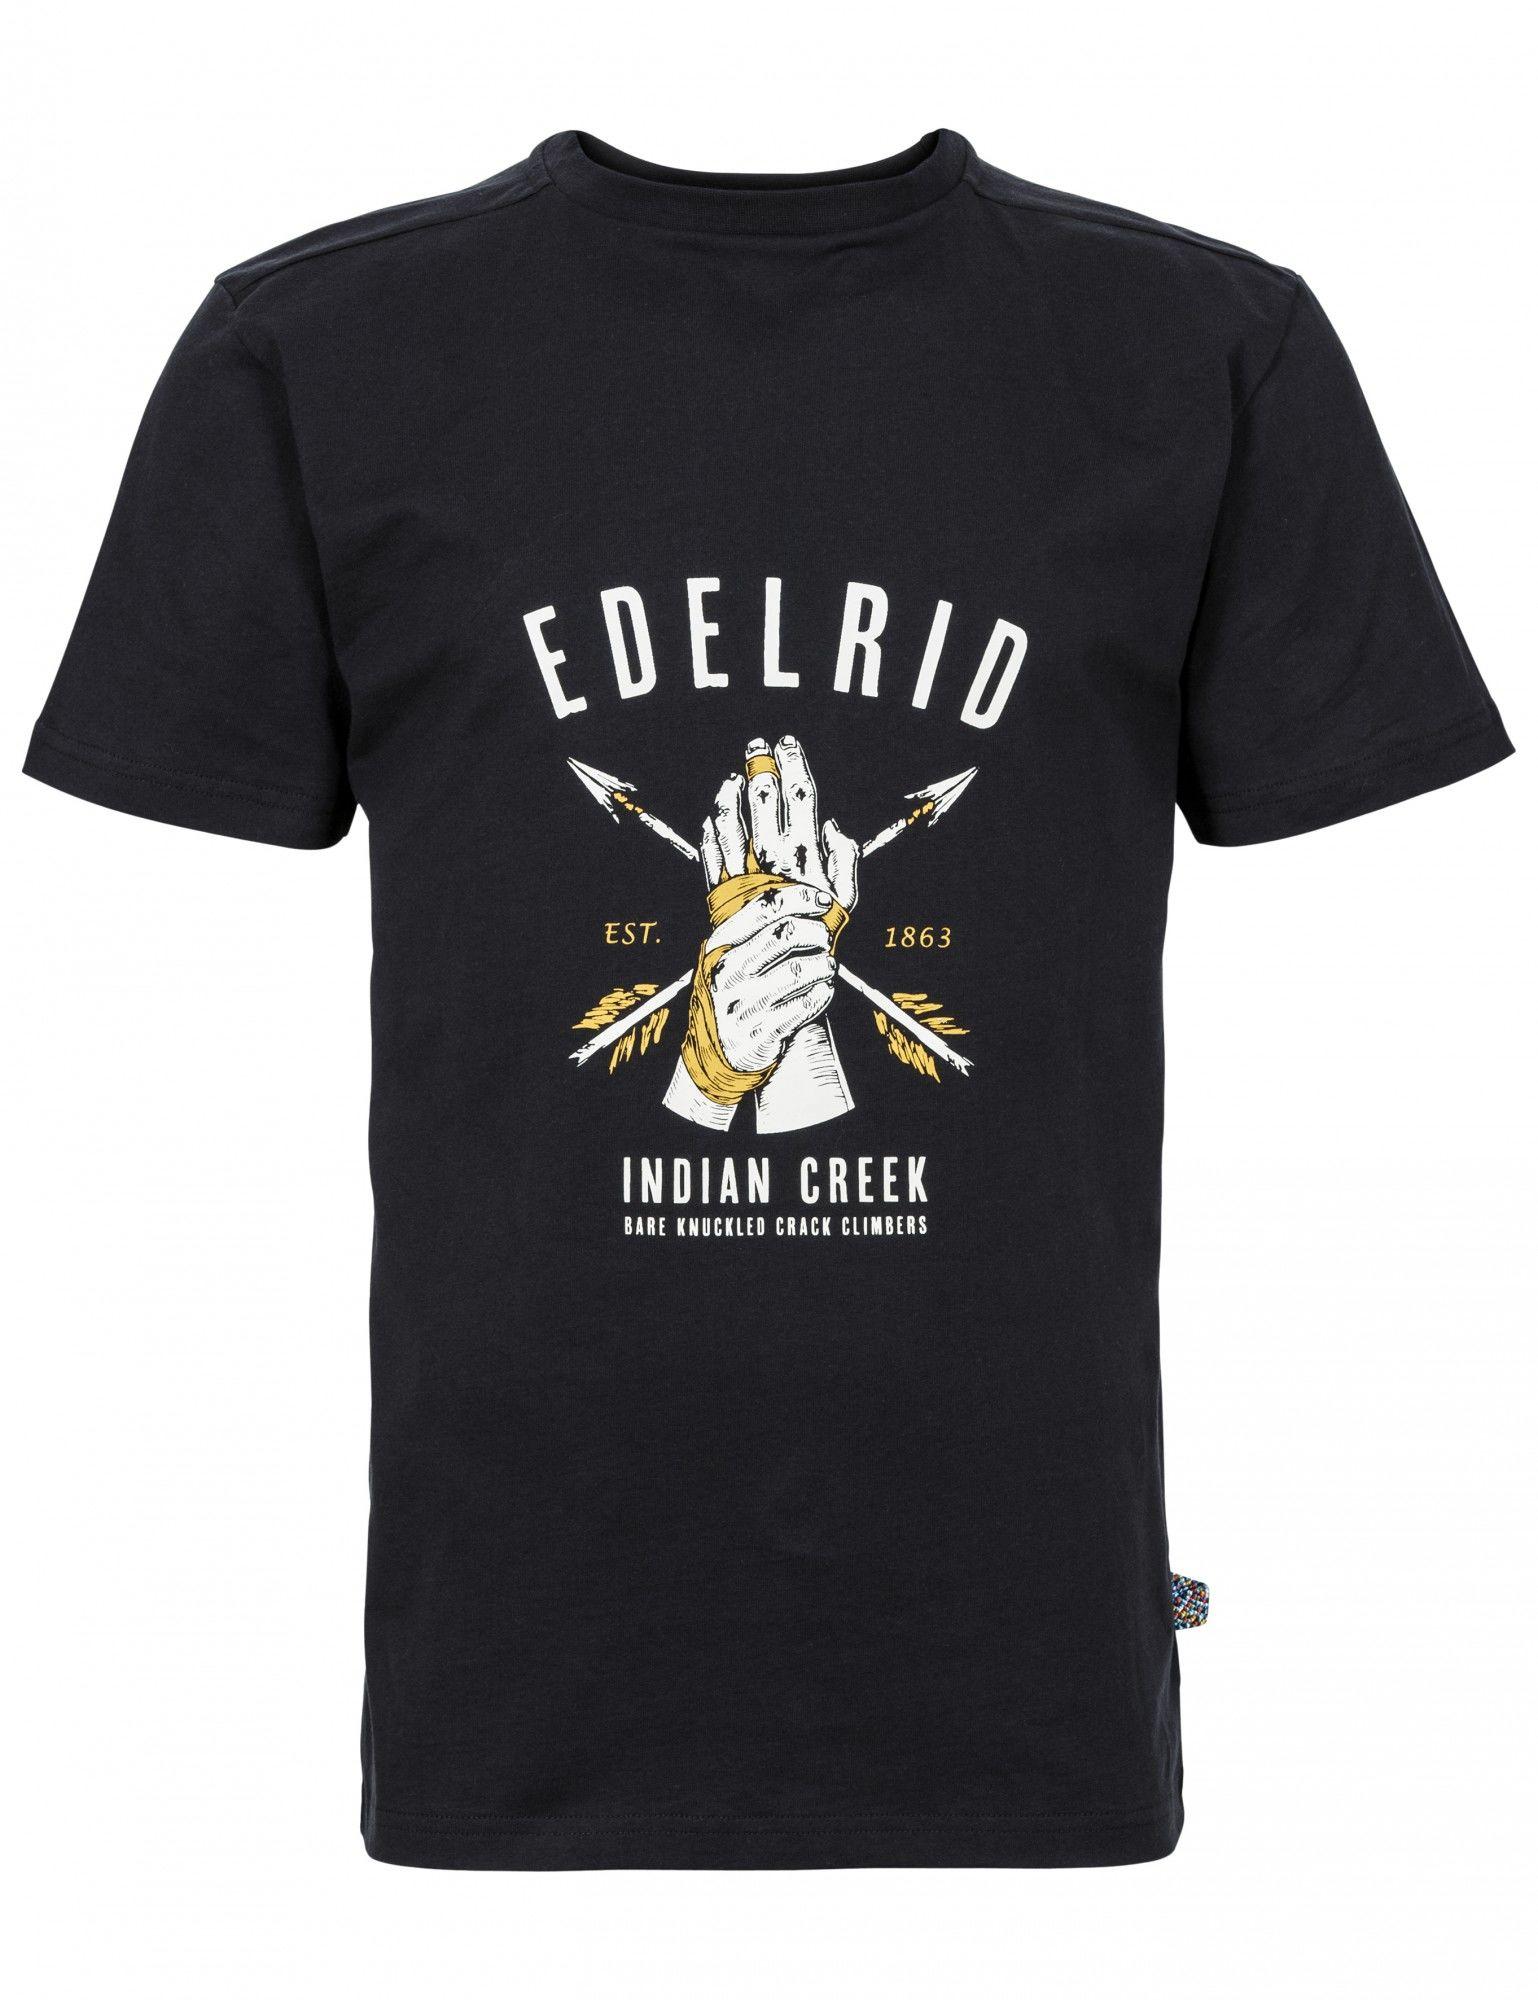 Edelrid Highball T-Shirt Schwarz, Male Kurzarm-Shirt, XL